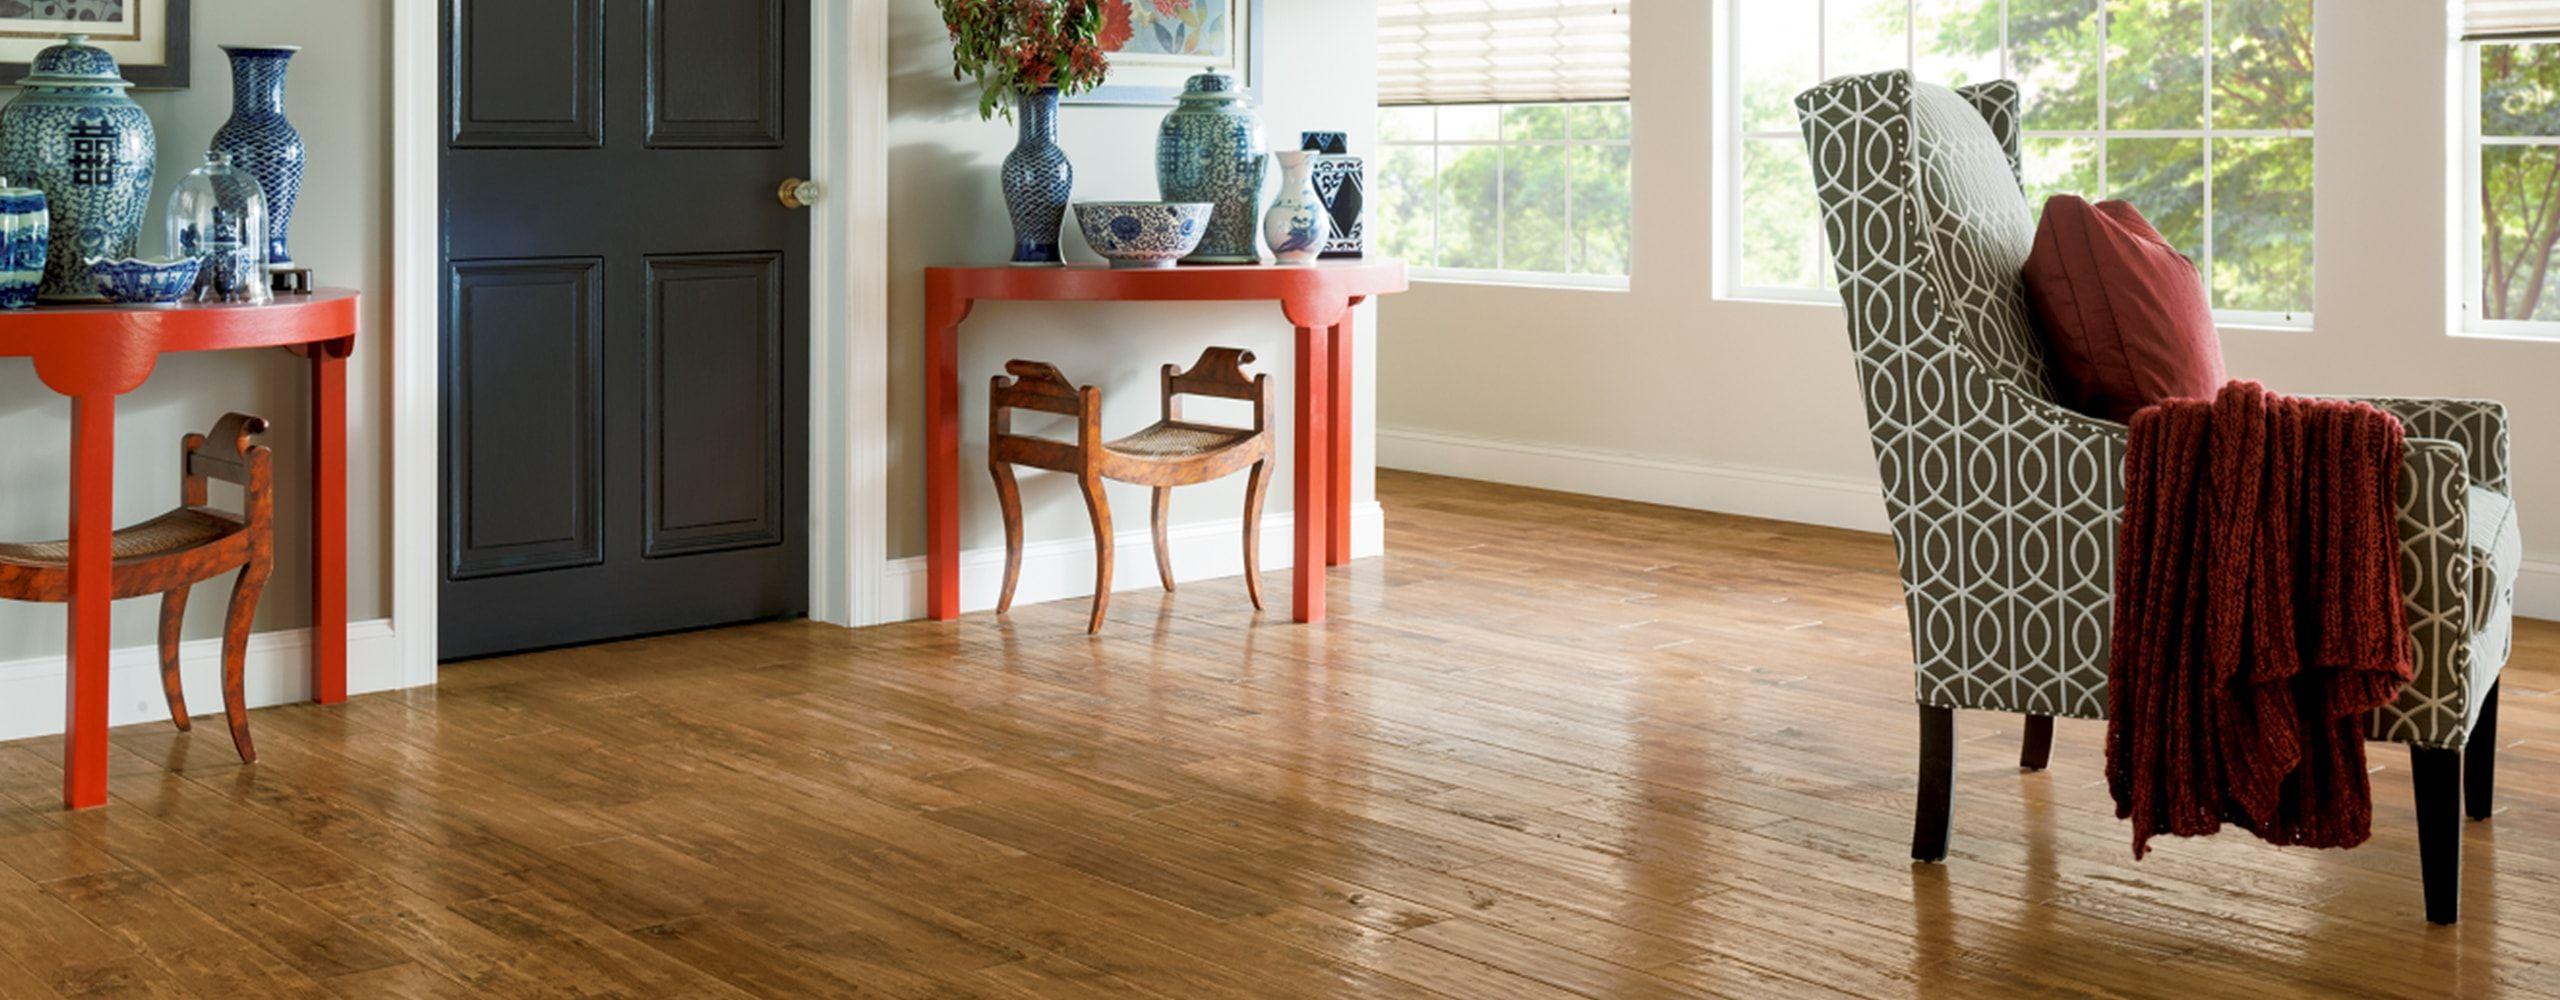 Engineered Hardwood Vs Solid Hardwood Compare Flooring Luxury Vinyl Tile Flooring Hardwood Floors Luxury Vinyl Tile